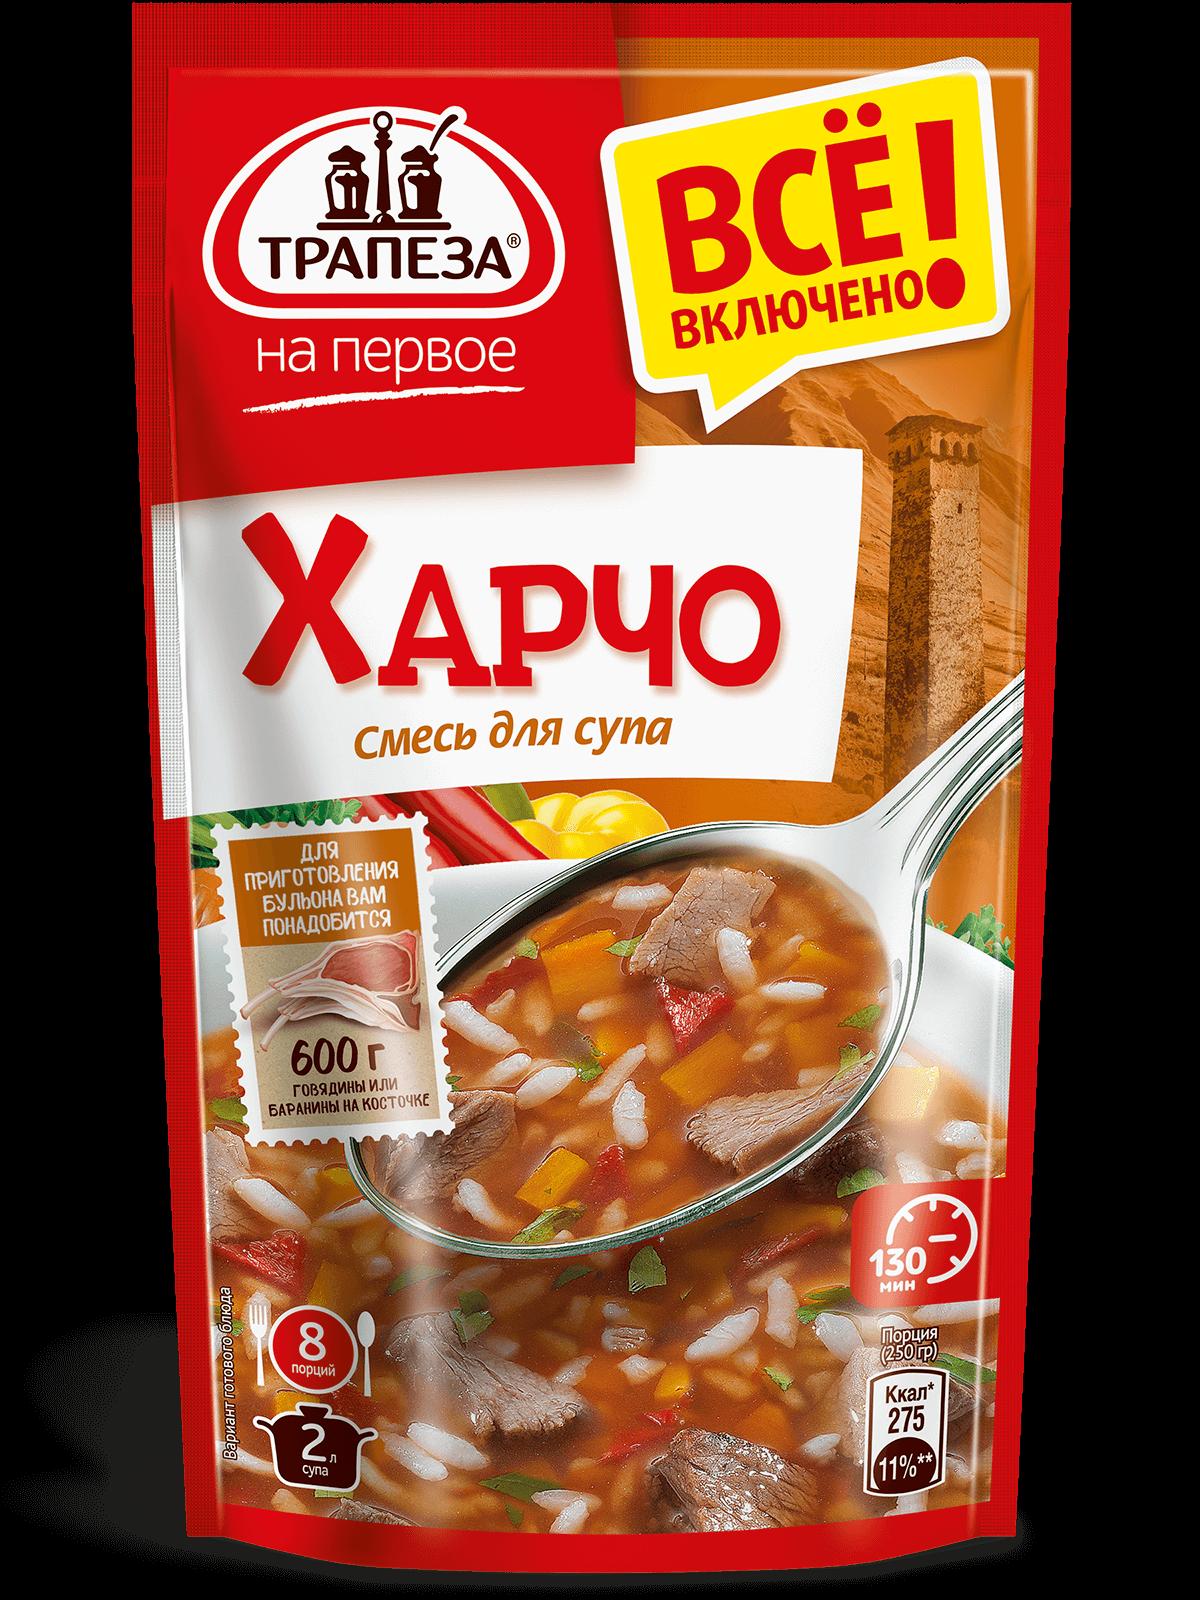 Трапеза на первое Смесь для супа Харчо 130 г